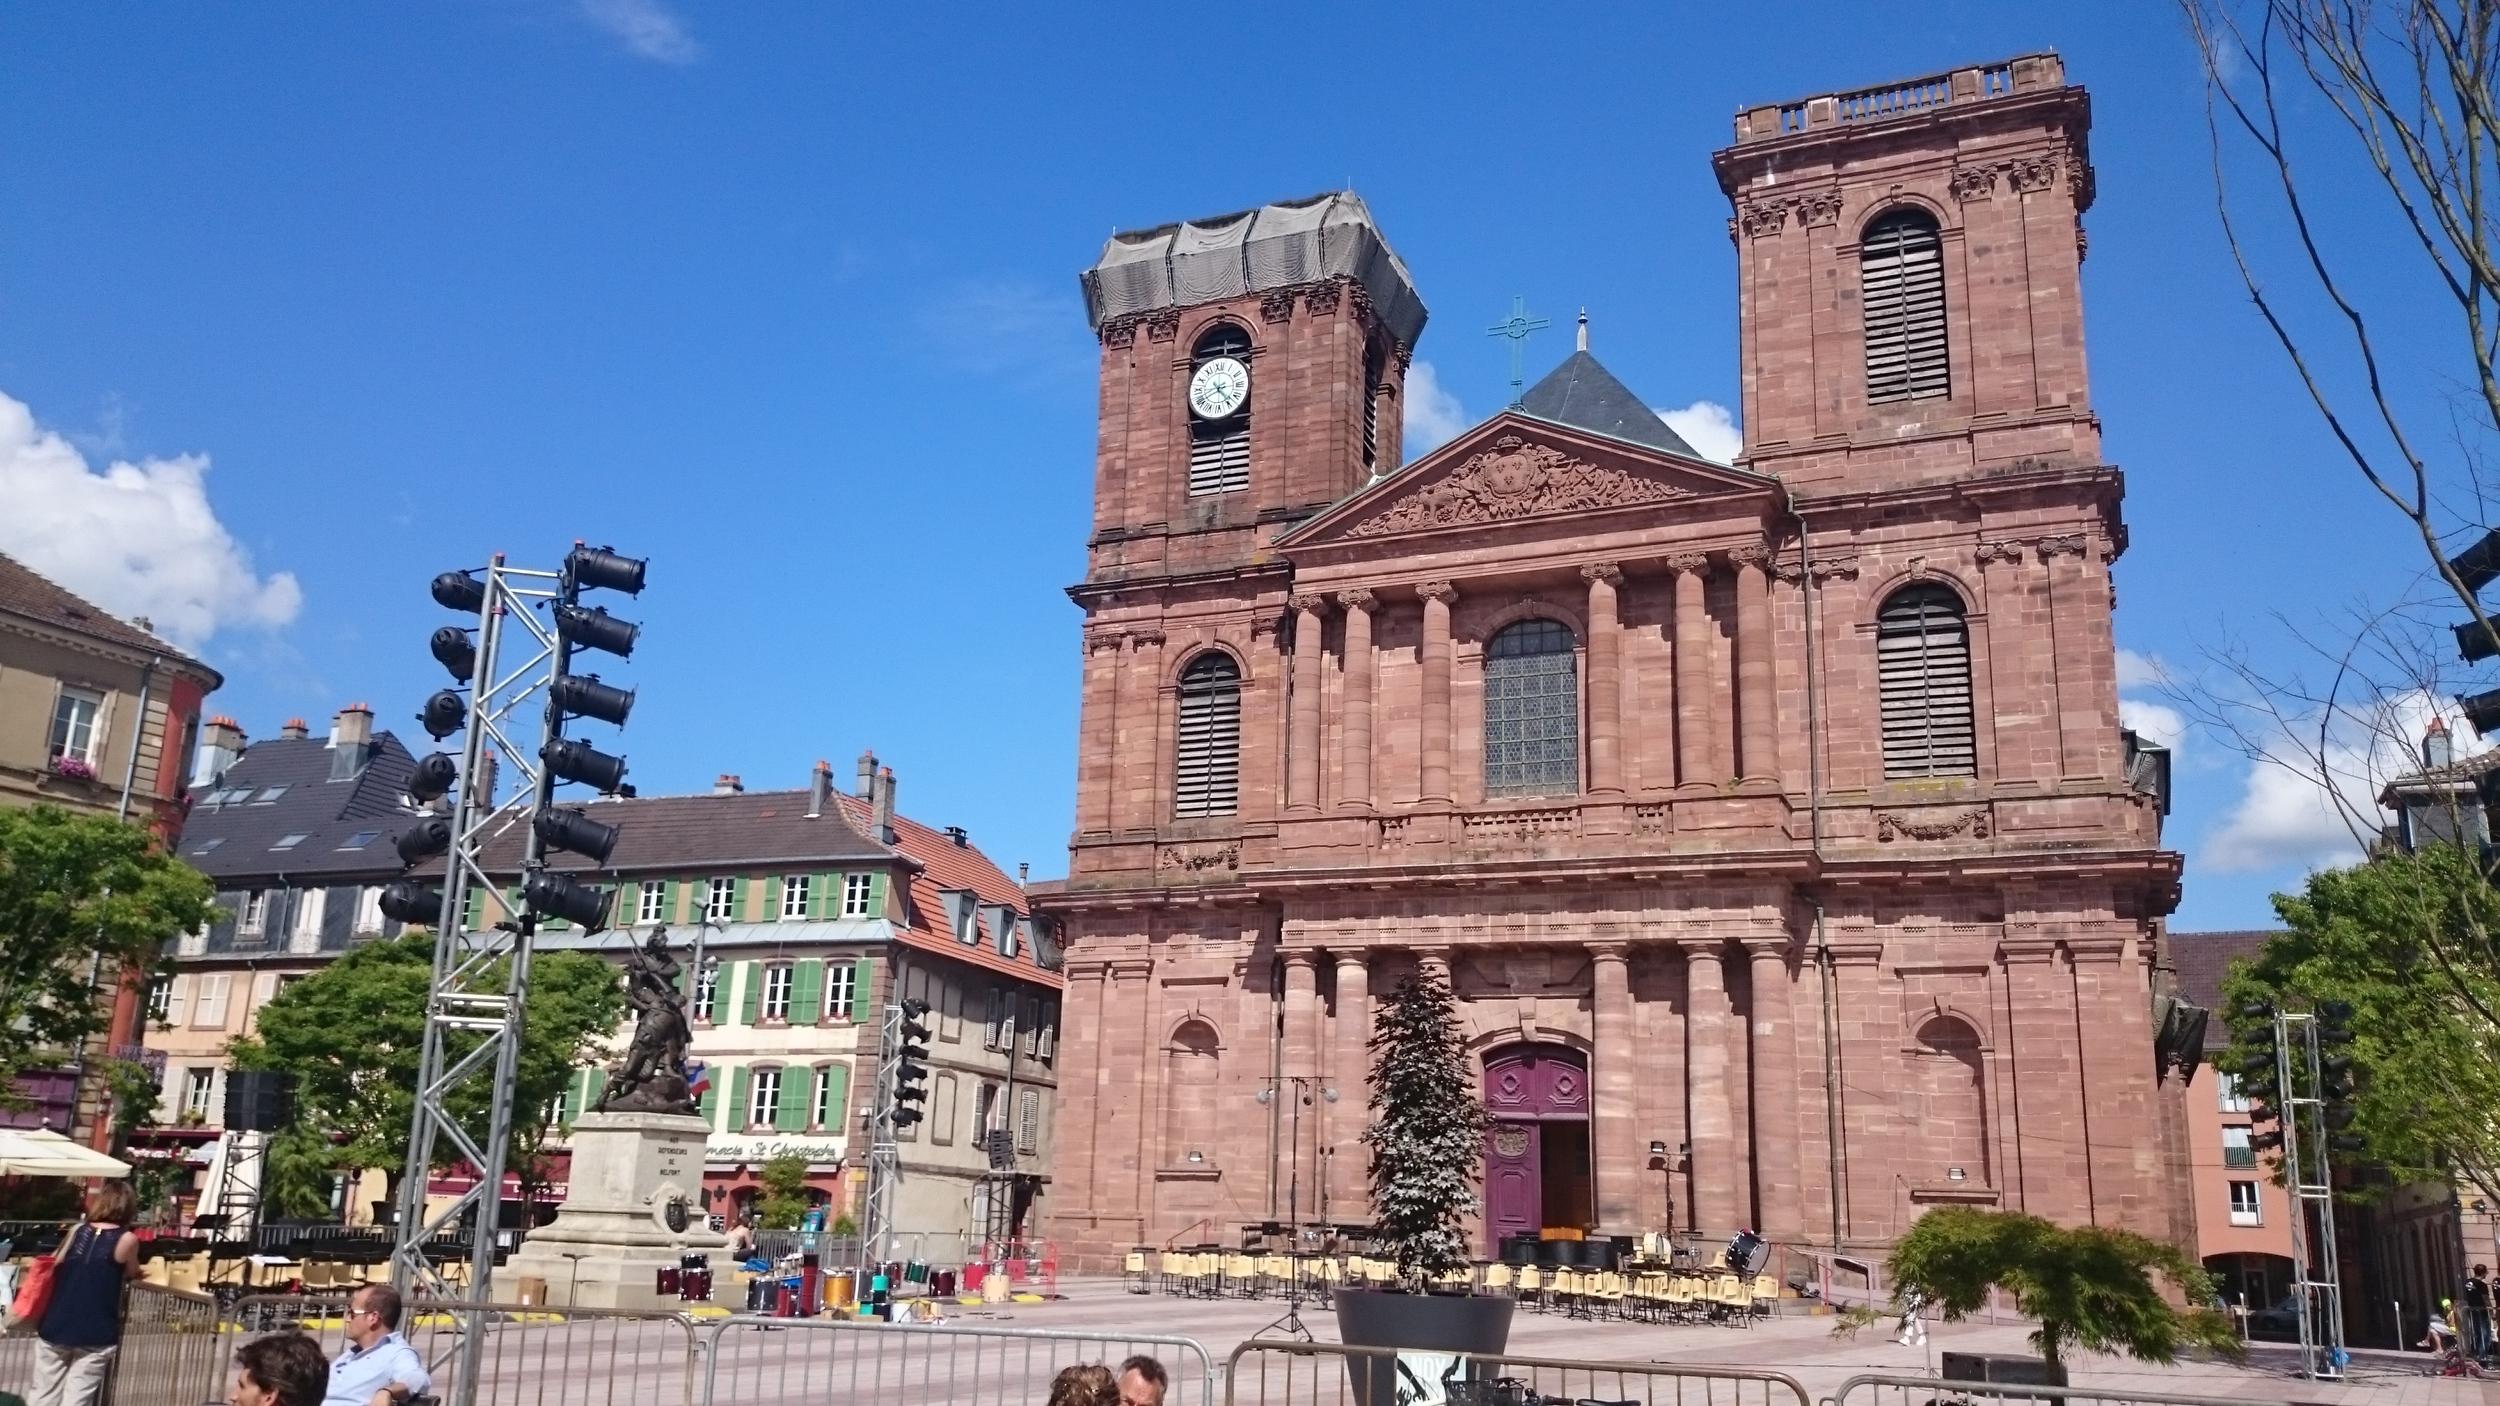 Main church of Belfort